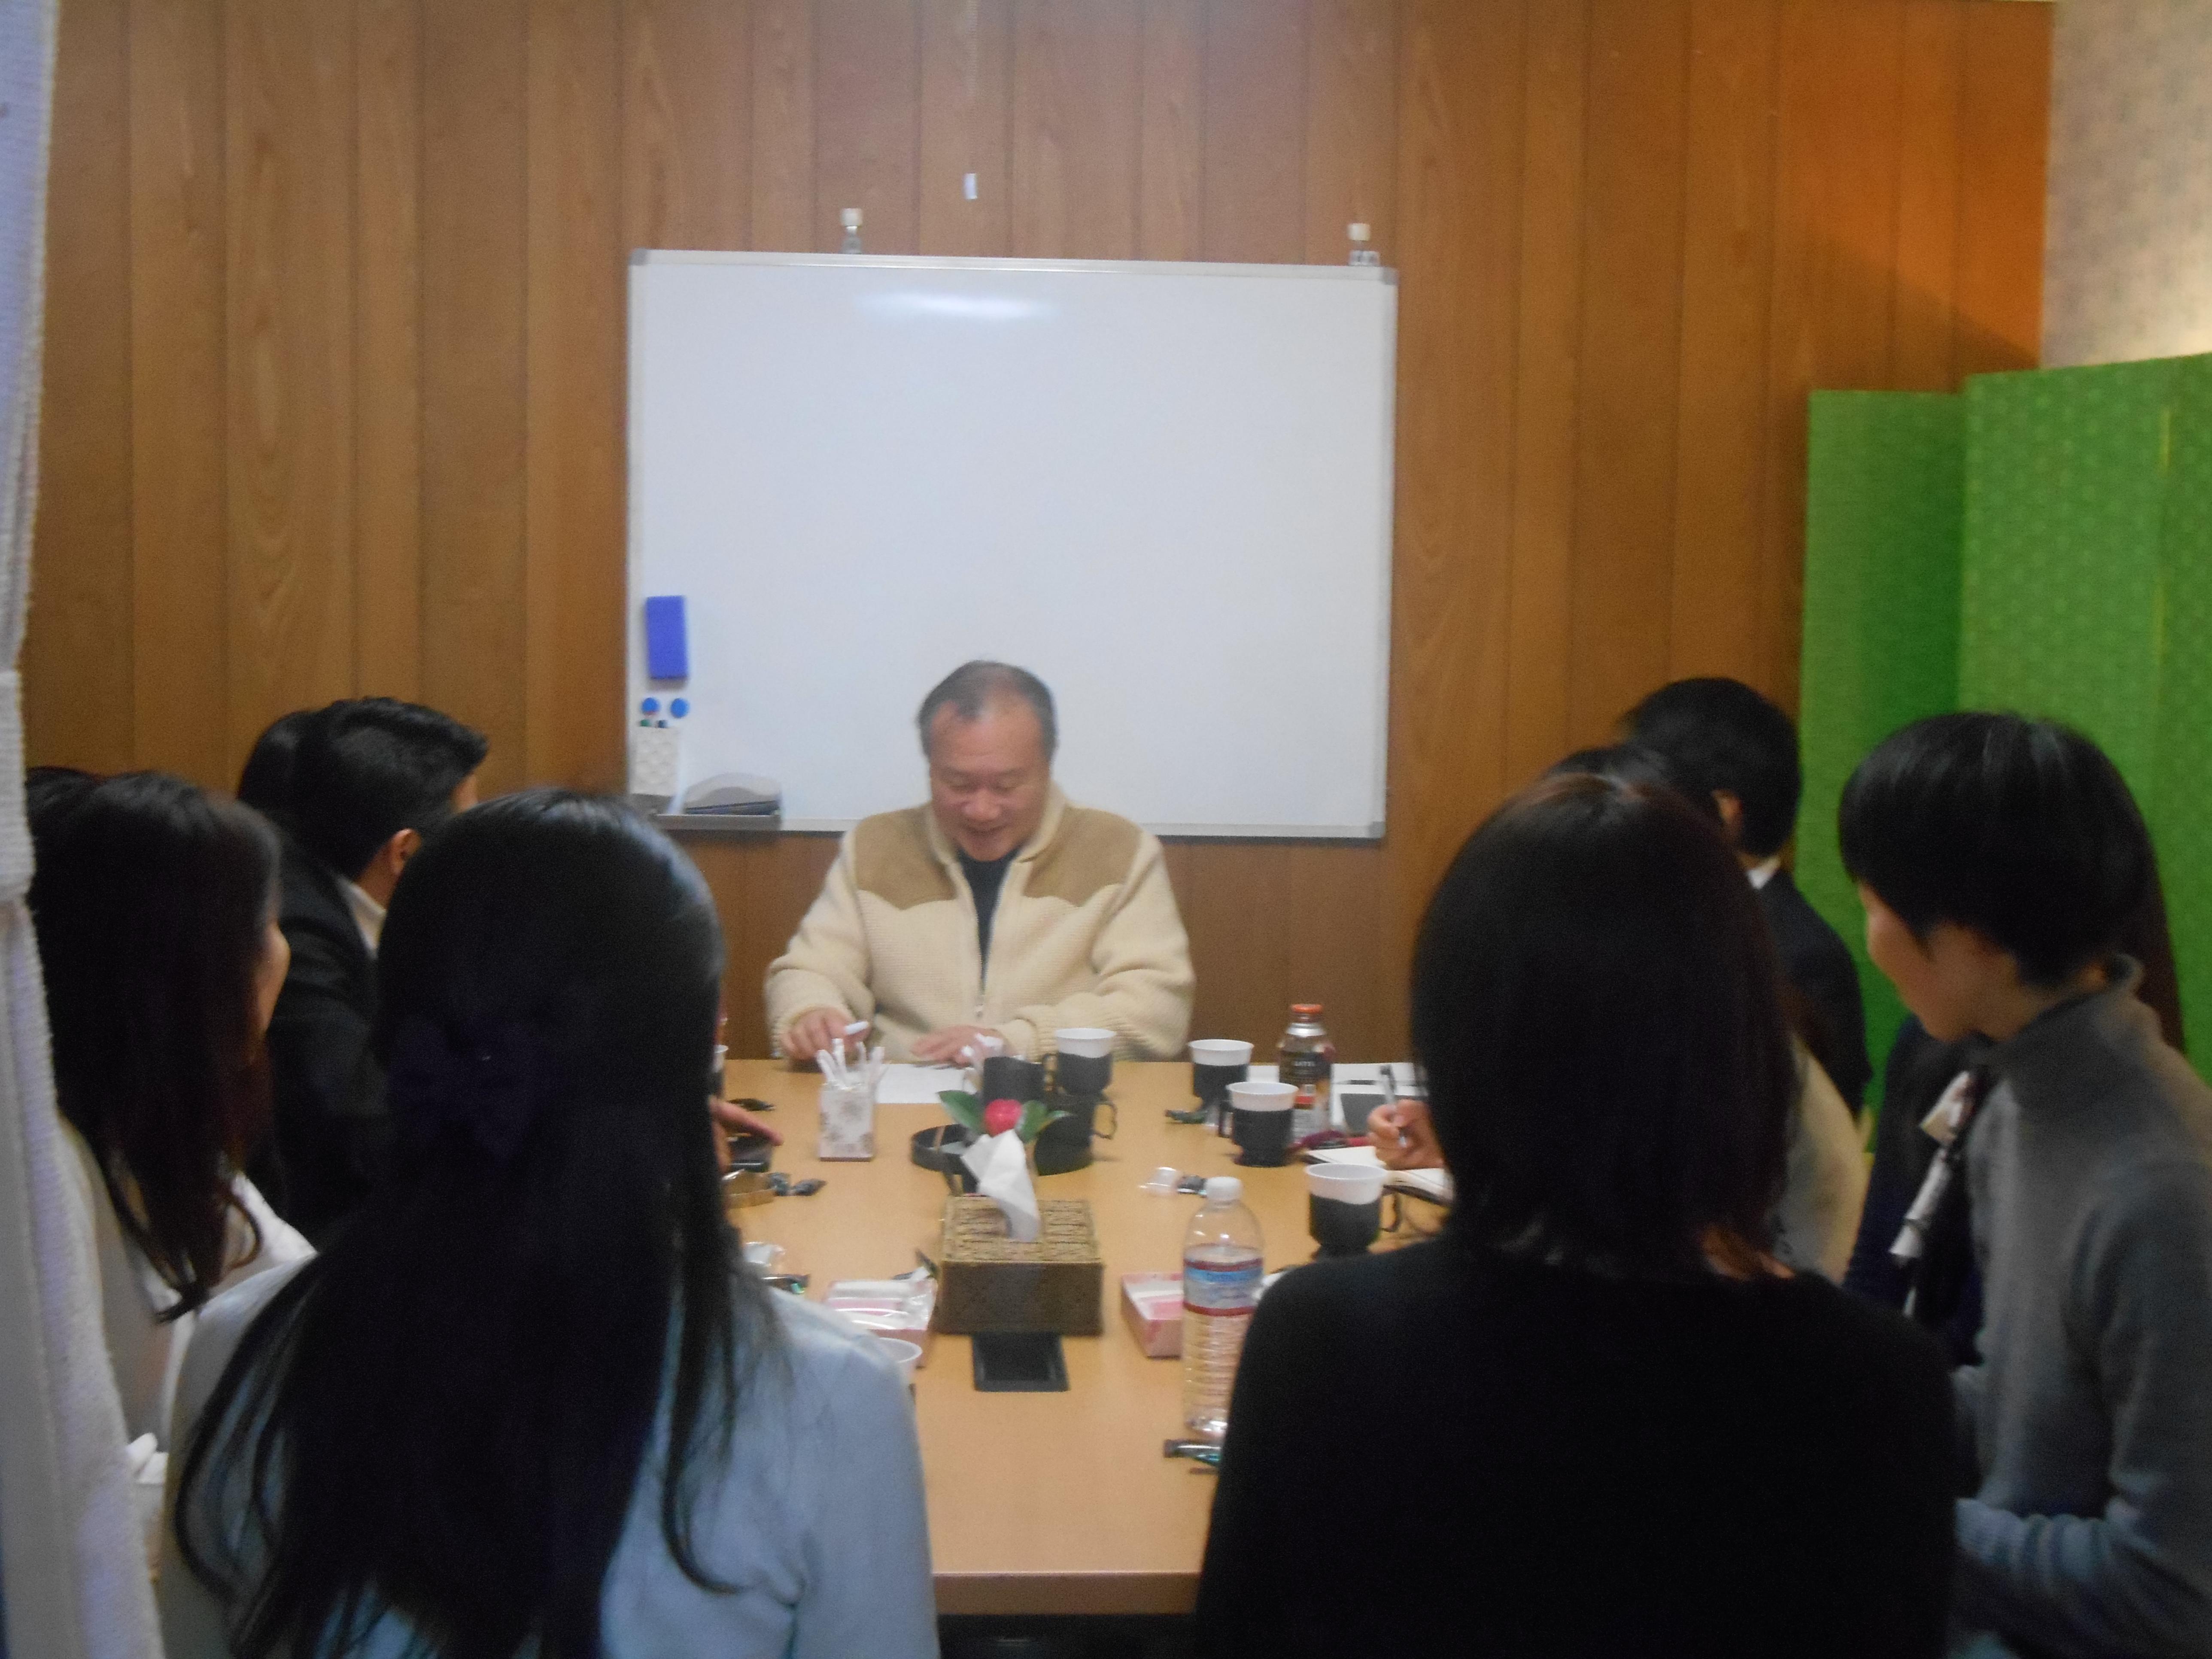 DSCN0011 - 愛の子育て塾14期第4講座